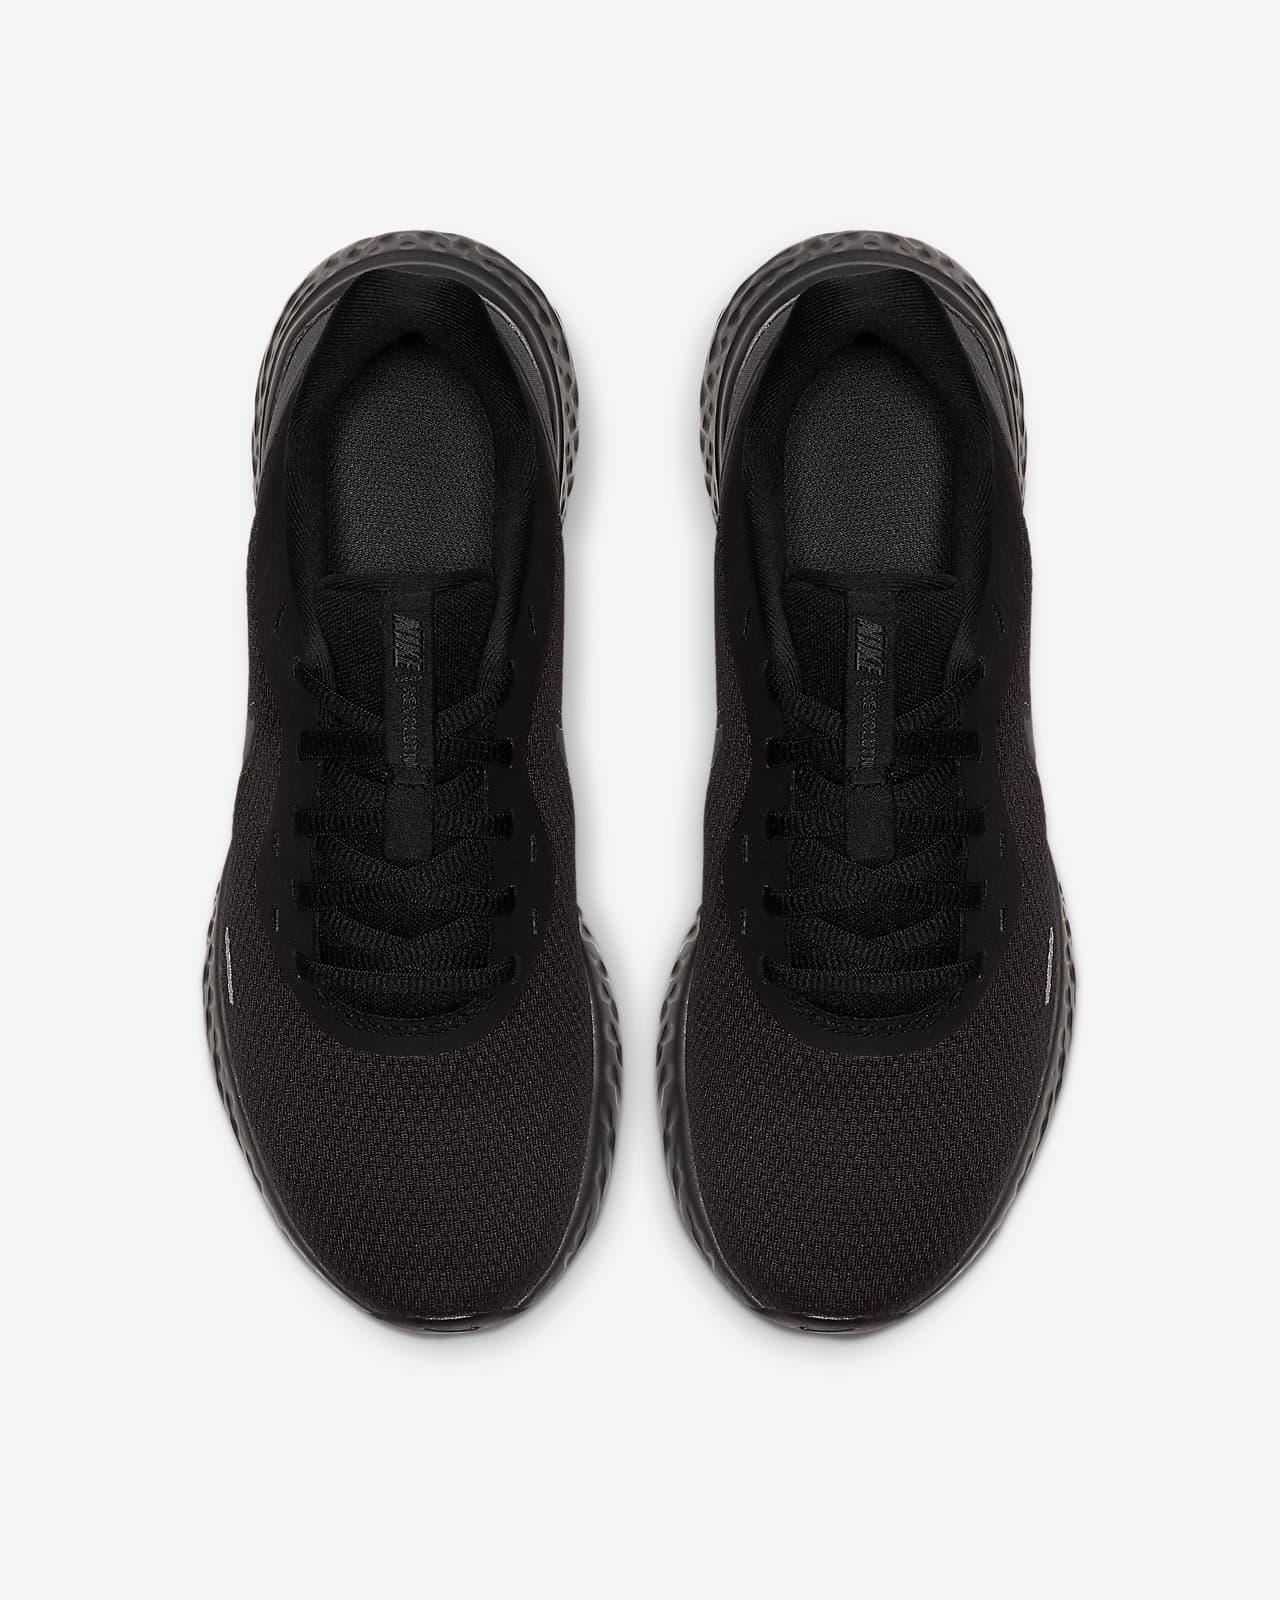 zapatillas nike mujer negras revolution